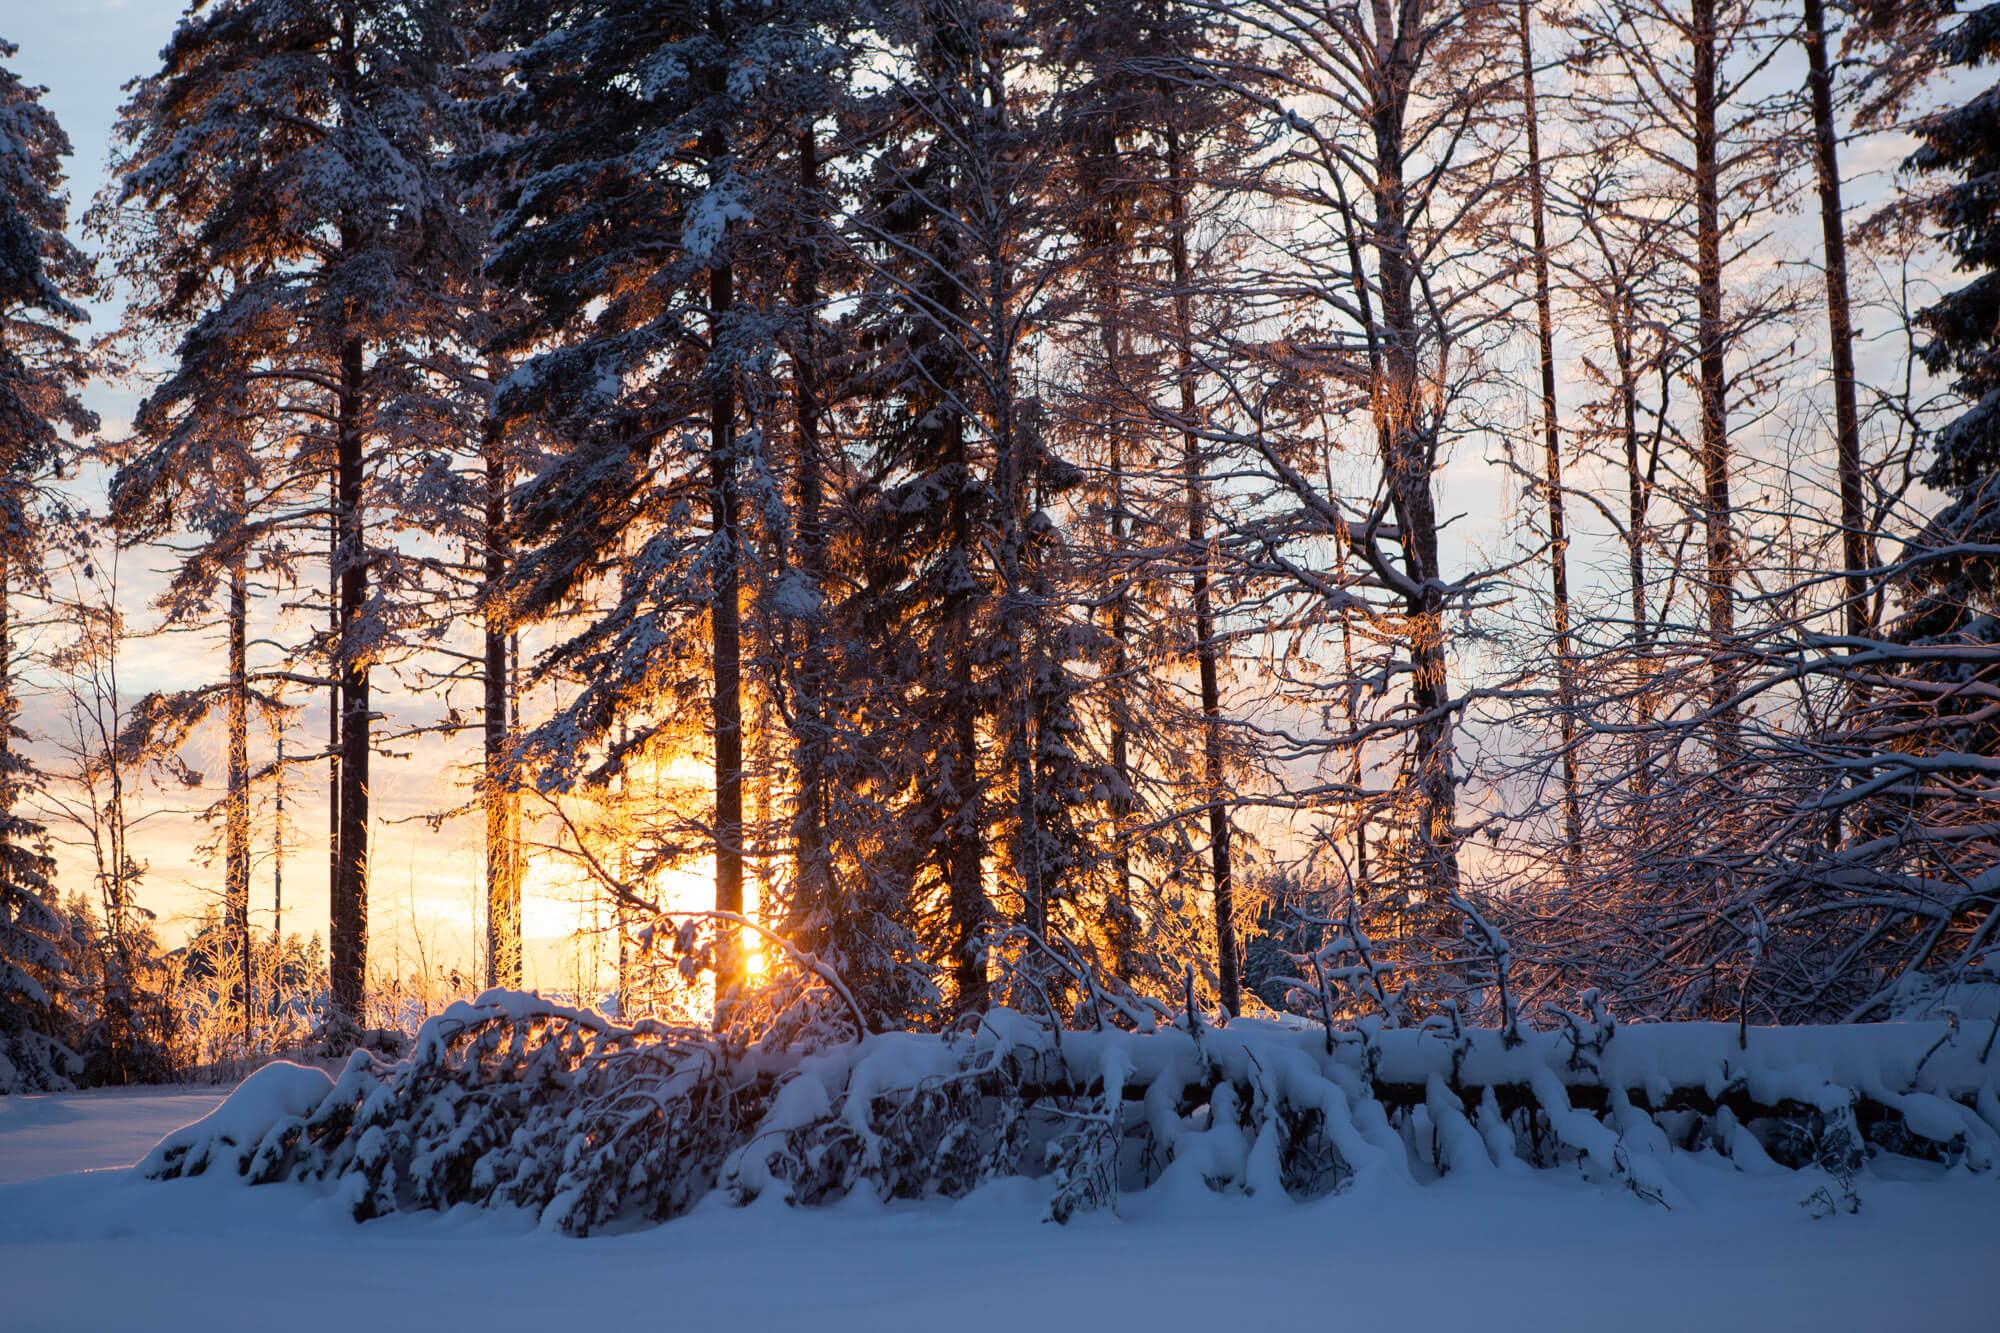 Le soleil se couche derrière les sapins enneigés en Laponie suédoise